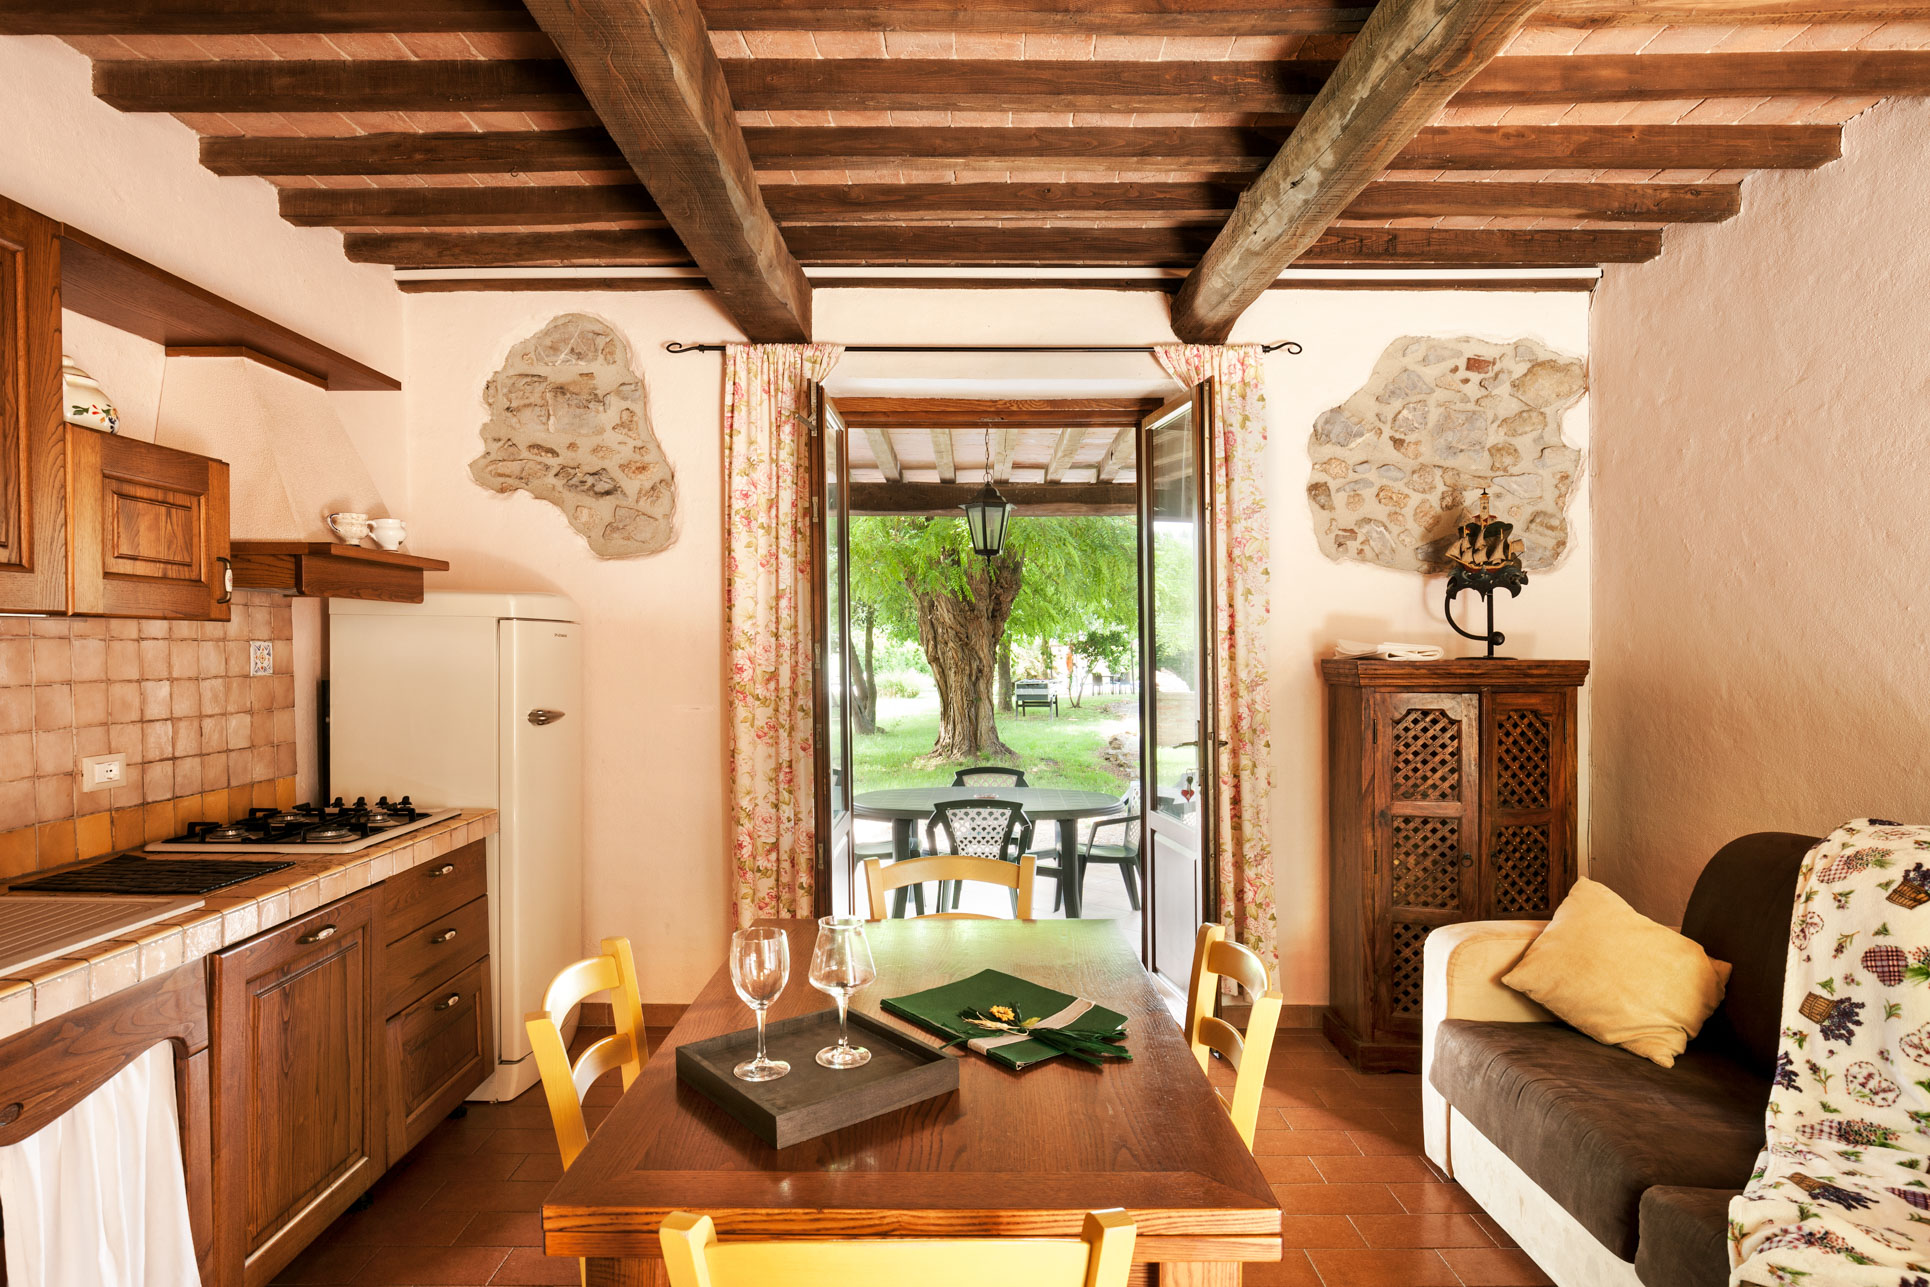 Divano Angolare Offerte Toscana.Appartamenti In Affitto Per Vacanze In Maremma Massa Marittima